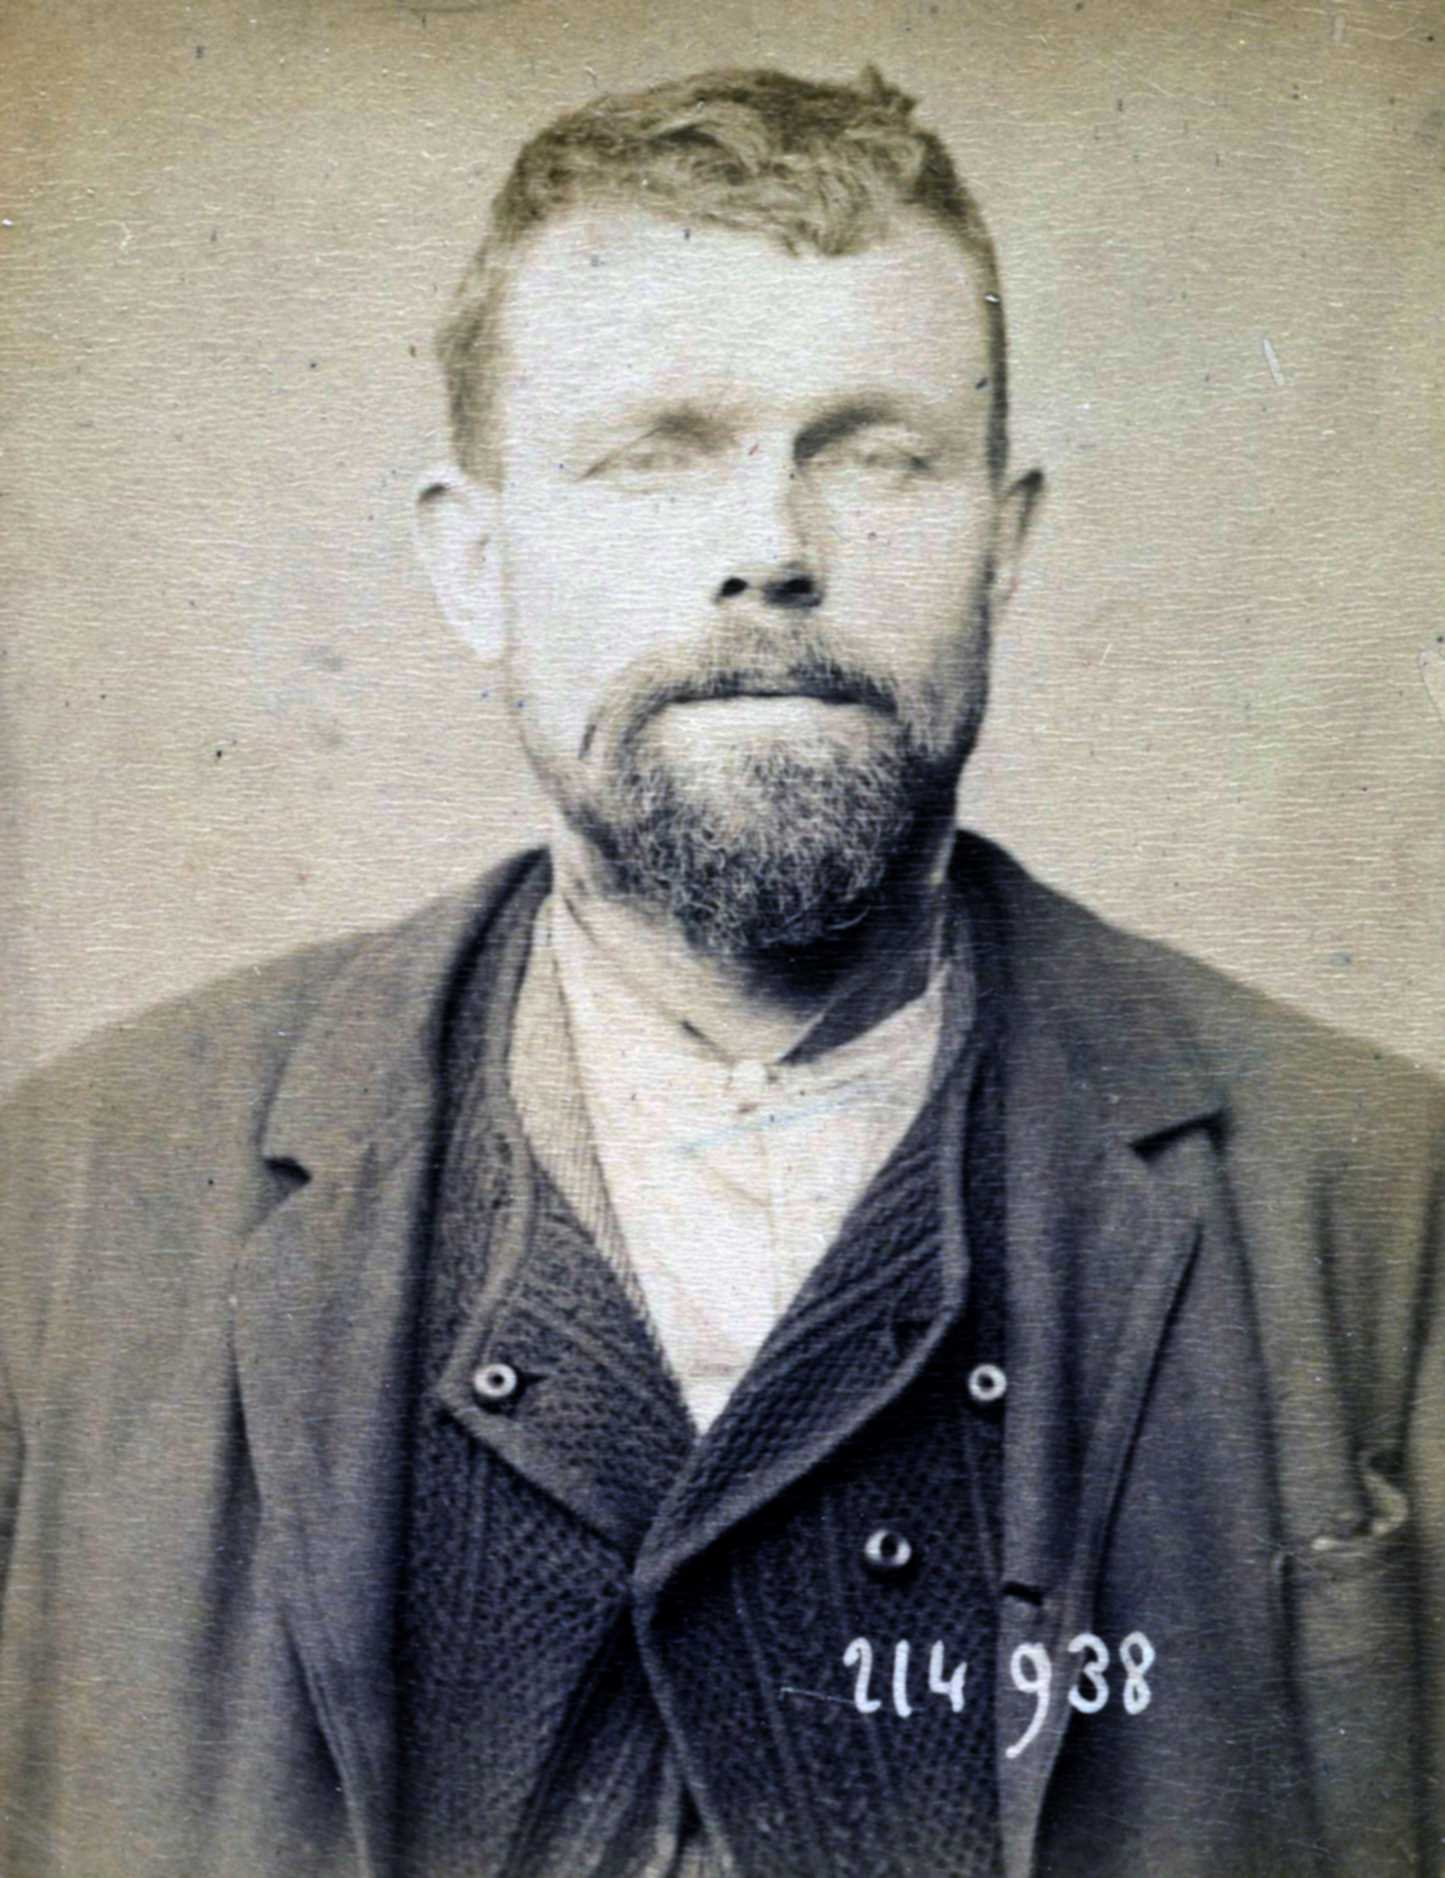 Fotografia policíaca d'Henri Auvin (1 de març de 1894)